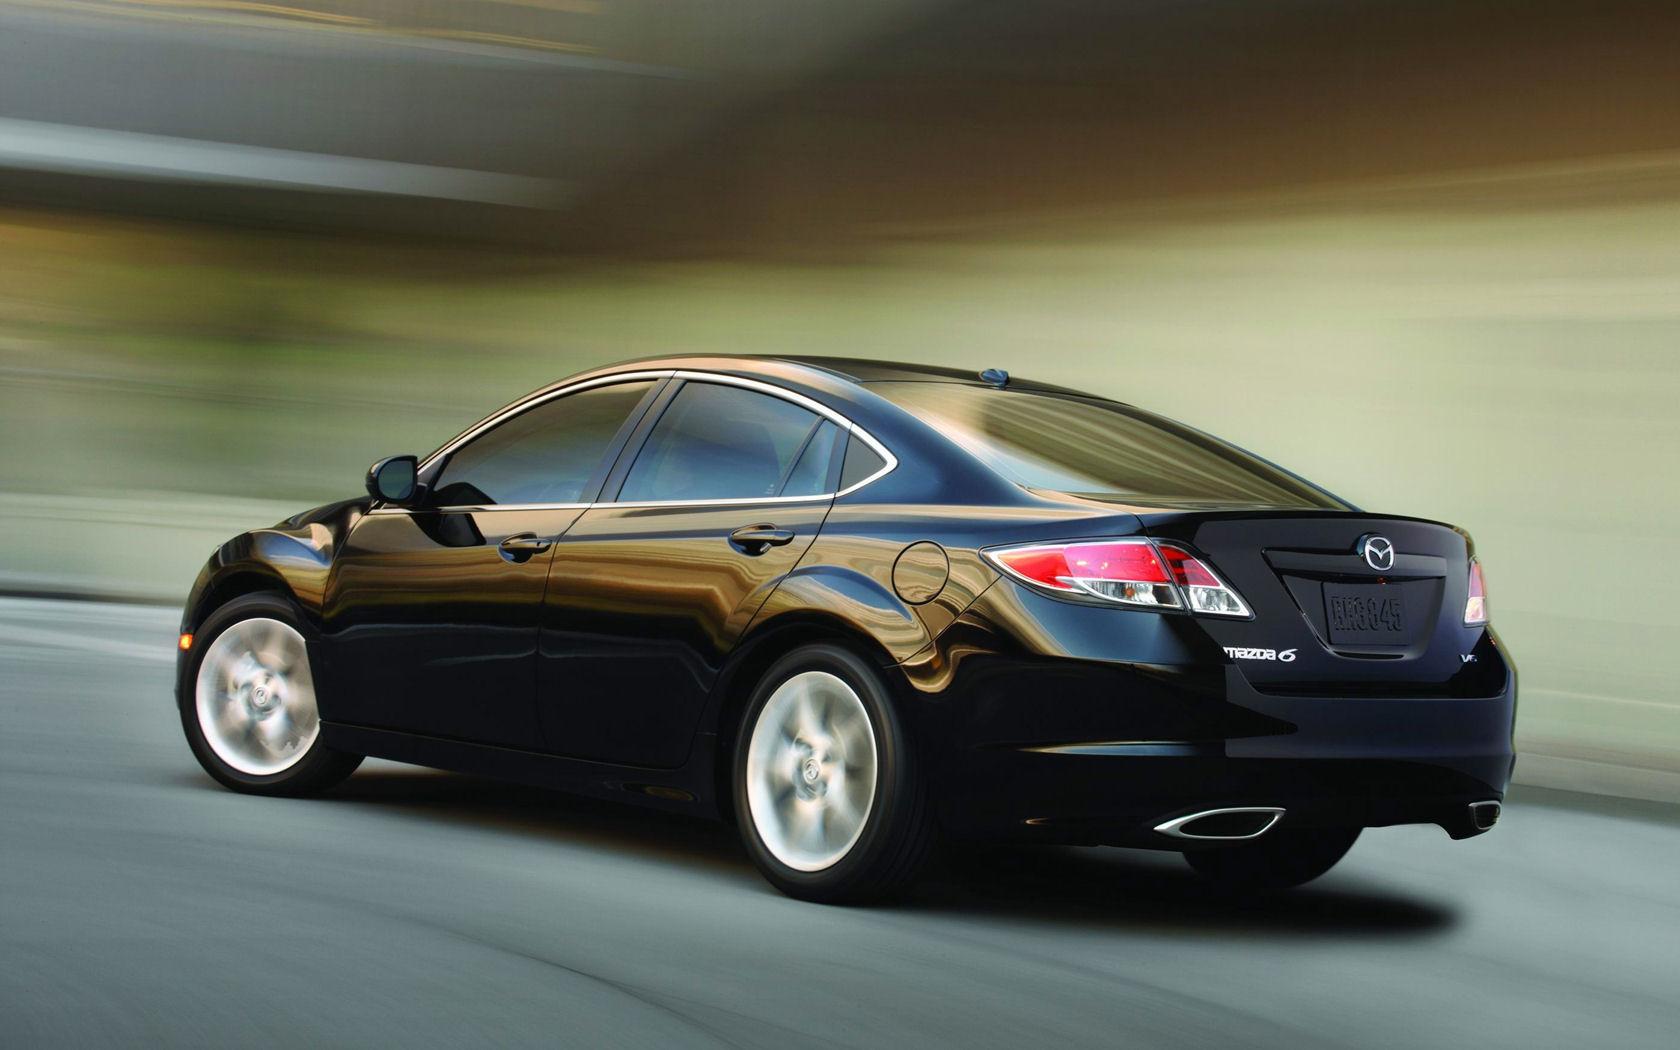 Mazda 6, Mazda6, 6i, 6s V6 - Free Widescreen Wallpaper ...